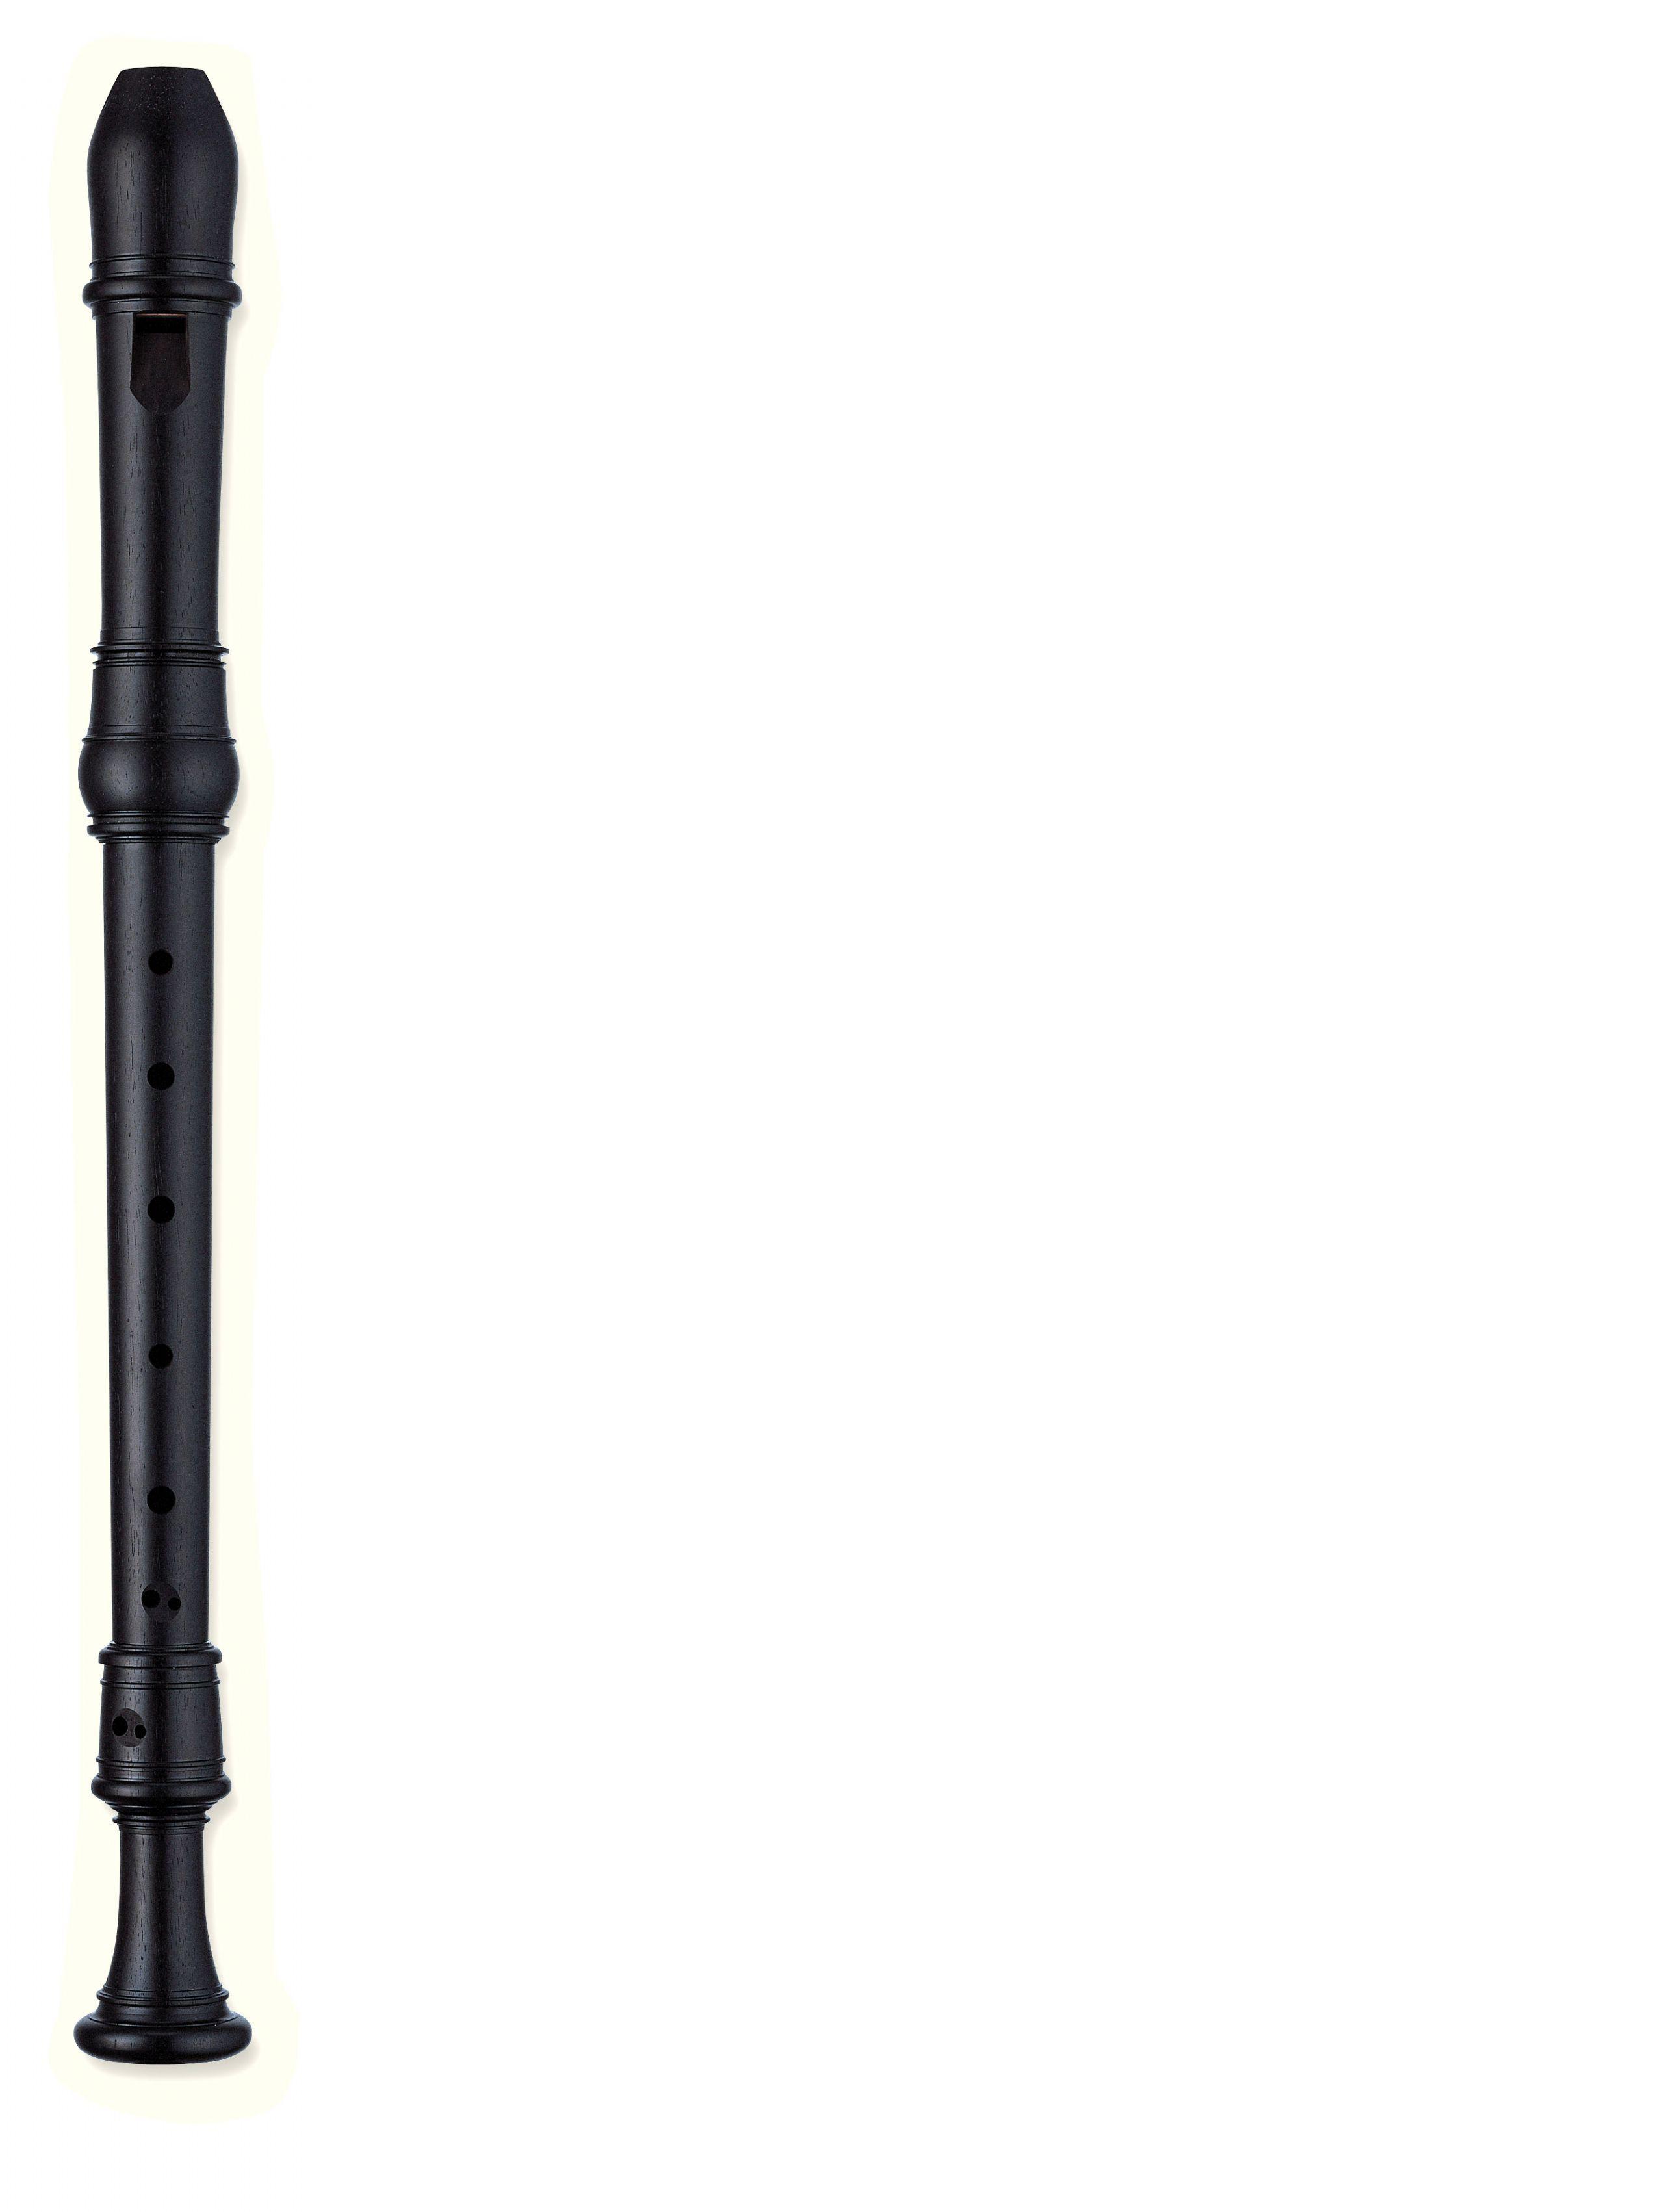 Flauta Alto de pico YAMAHA modelo YRA 803